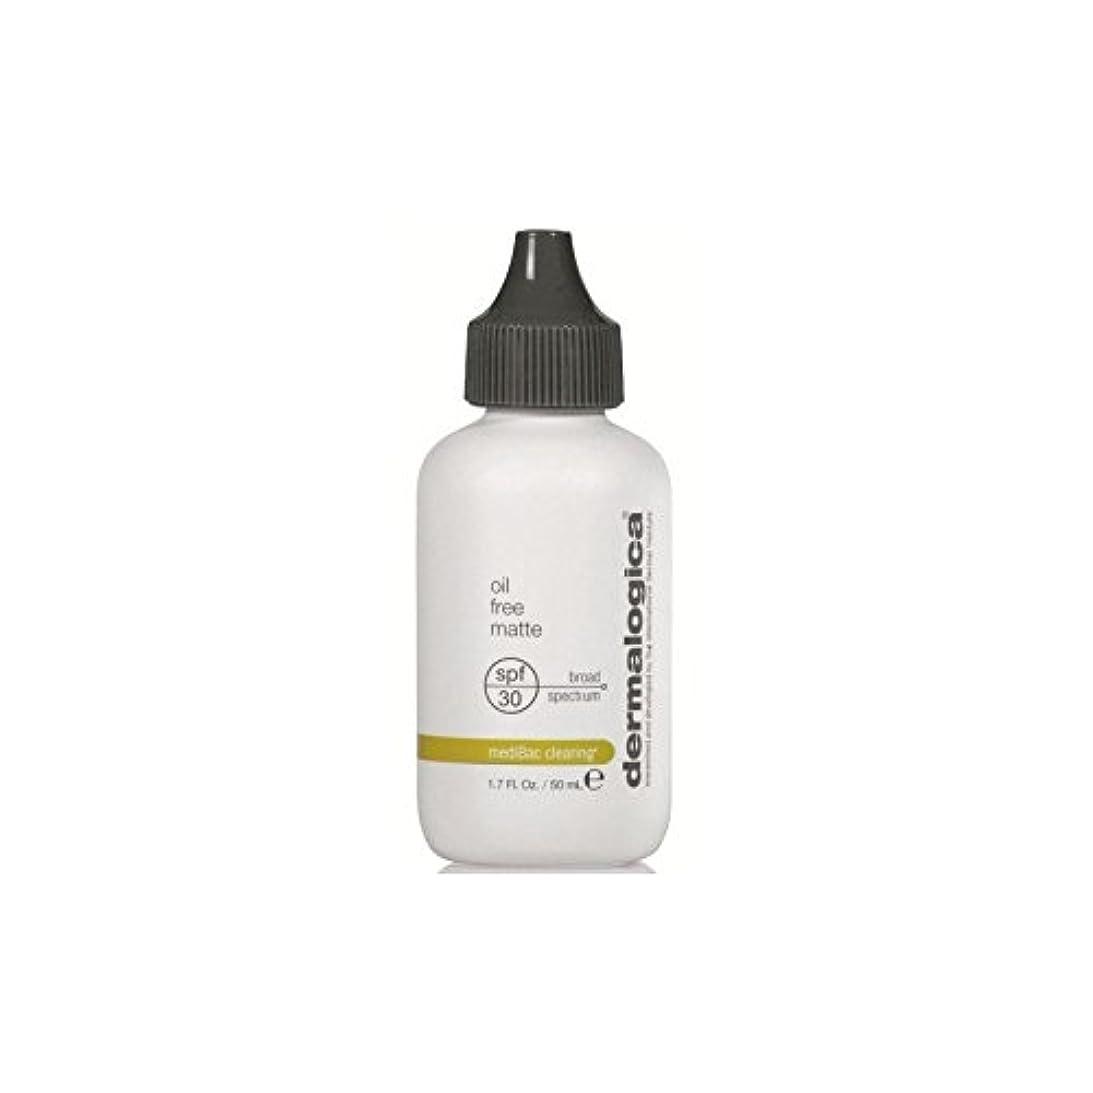 農学さらに費やすダーマロジカオイルフリーマット 30 x2 - Dermalogica Oil-Free Matte Spf 30 (Pack of 2) [並行輸入品]